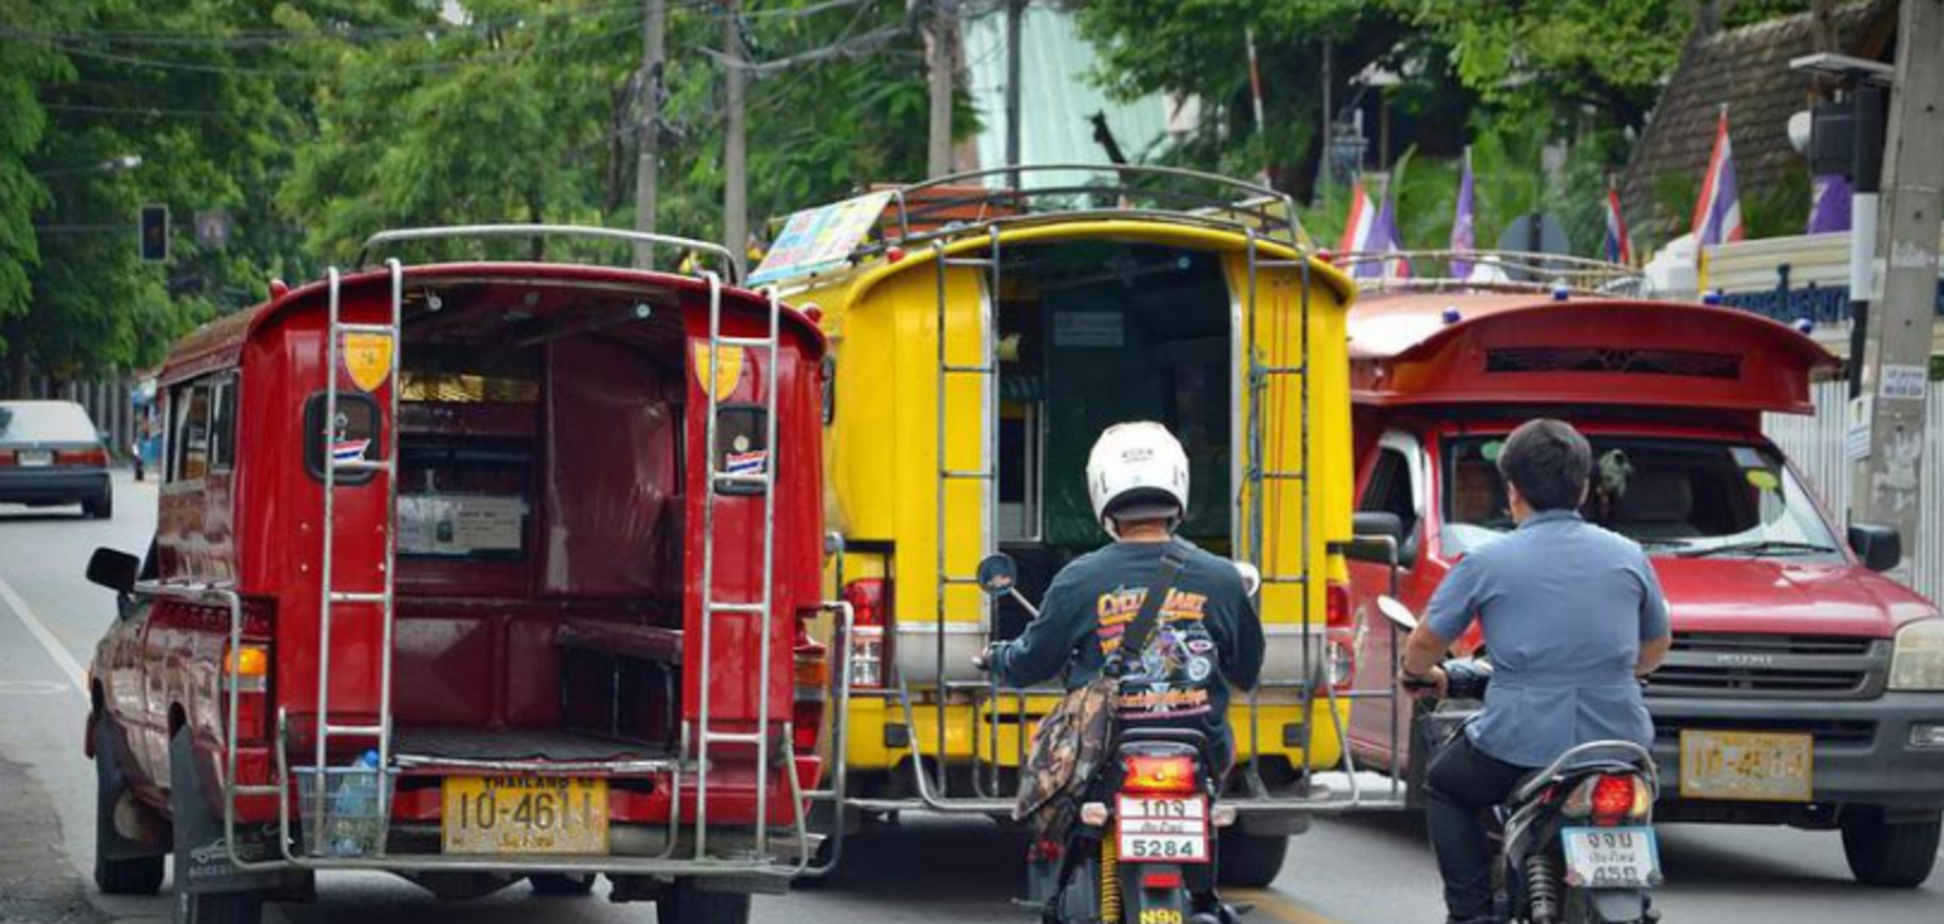 Вилетів у глибоку канаву: в Таїланді трагічно загинув російський турист